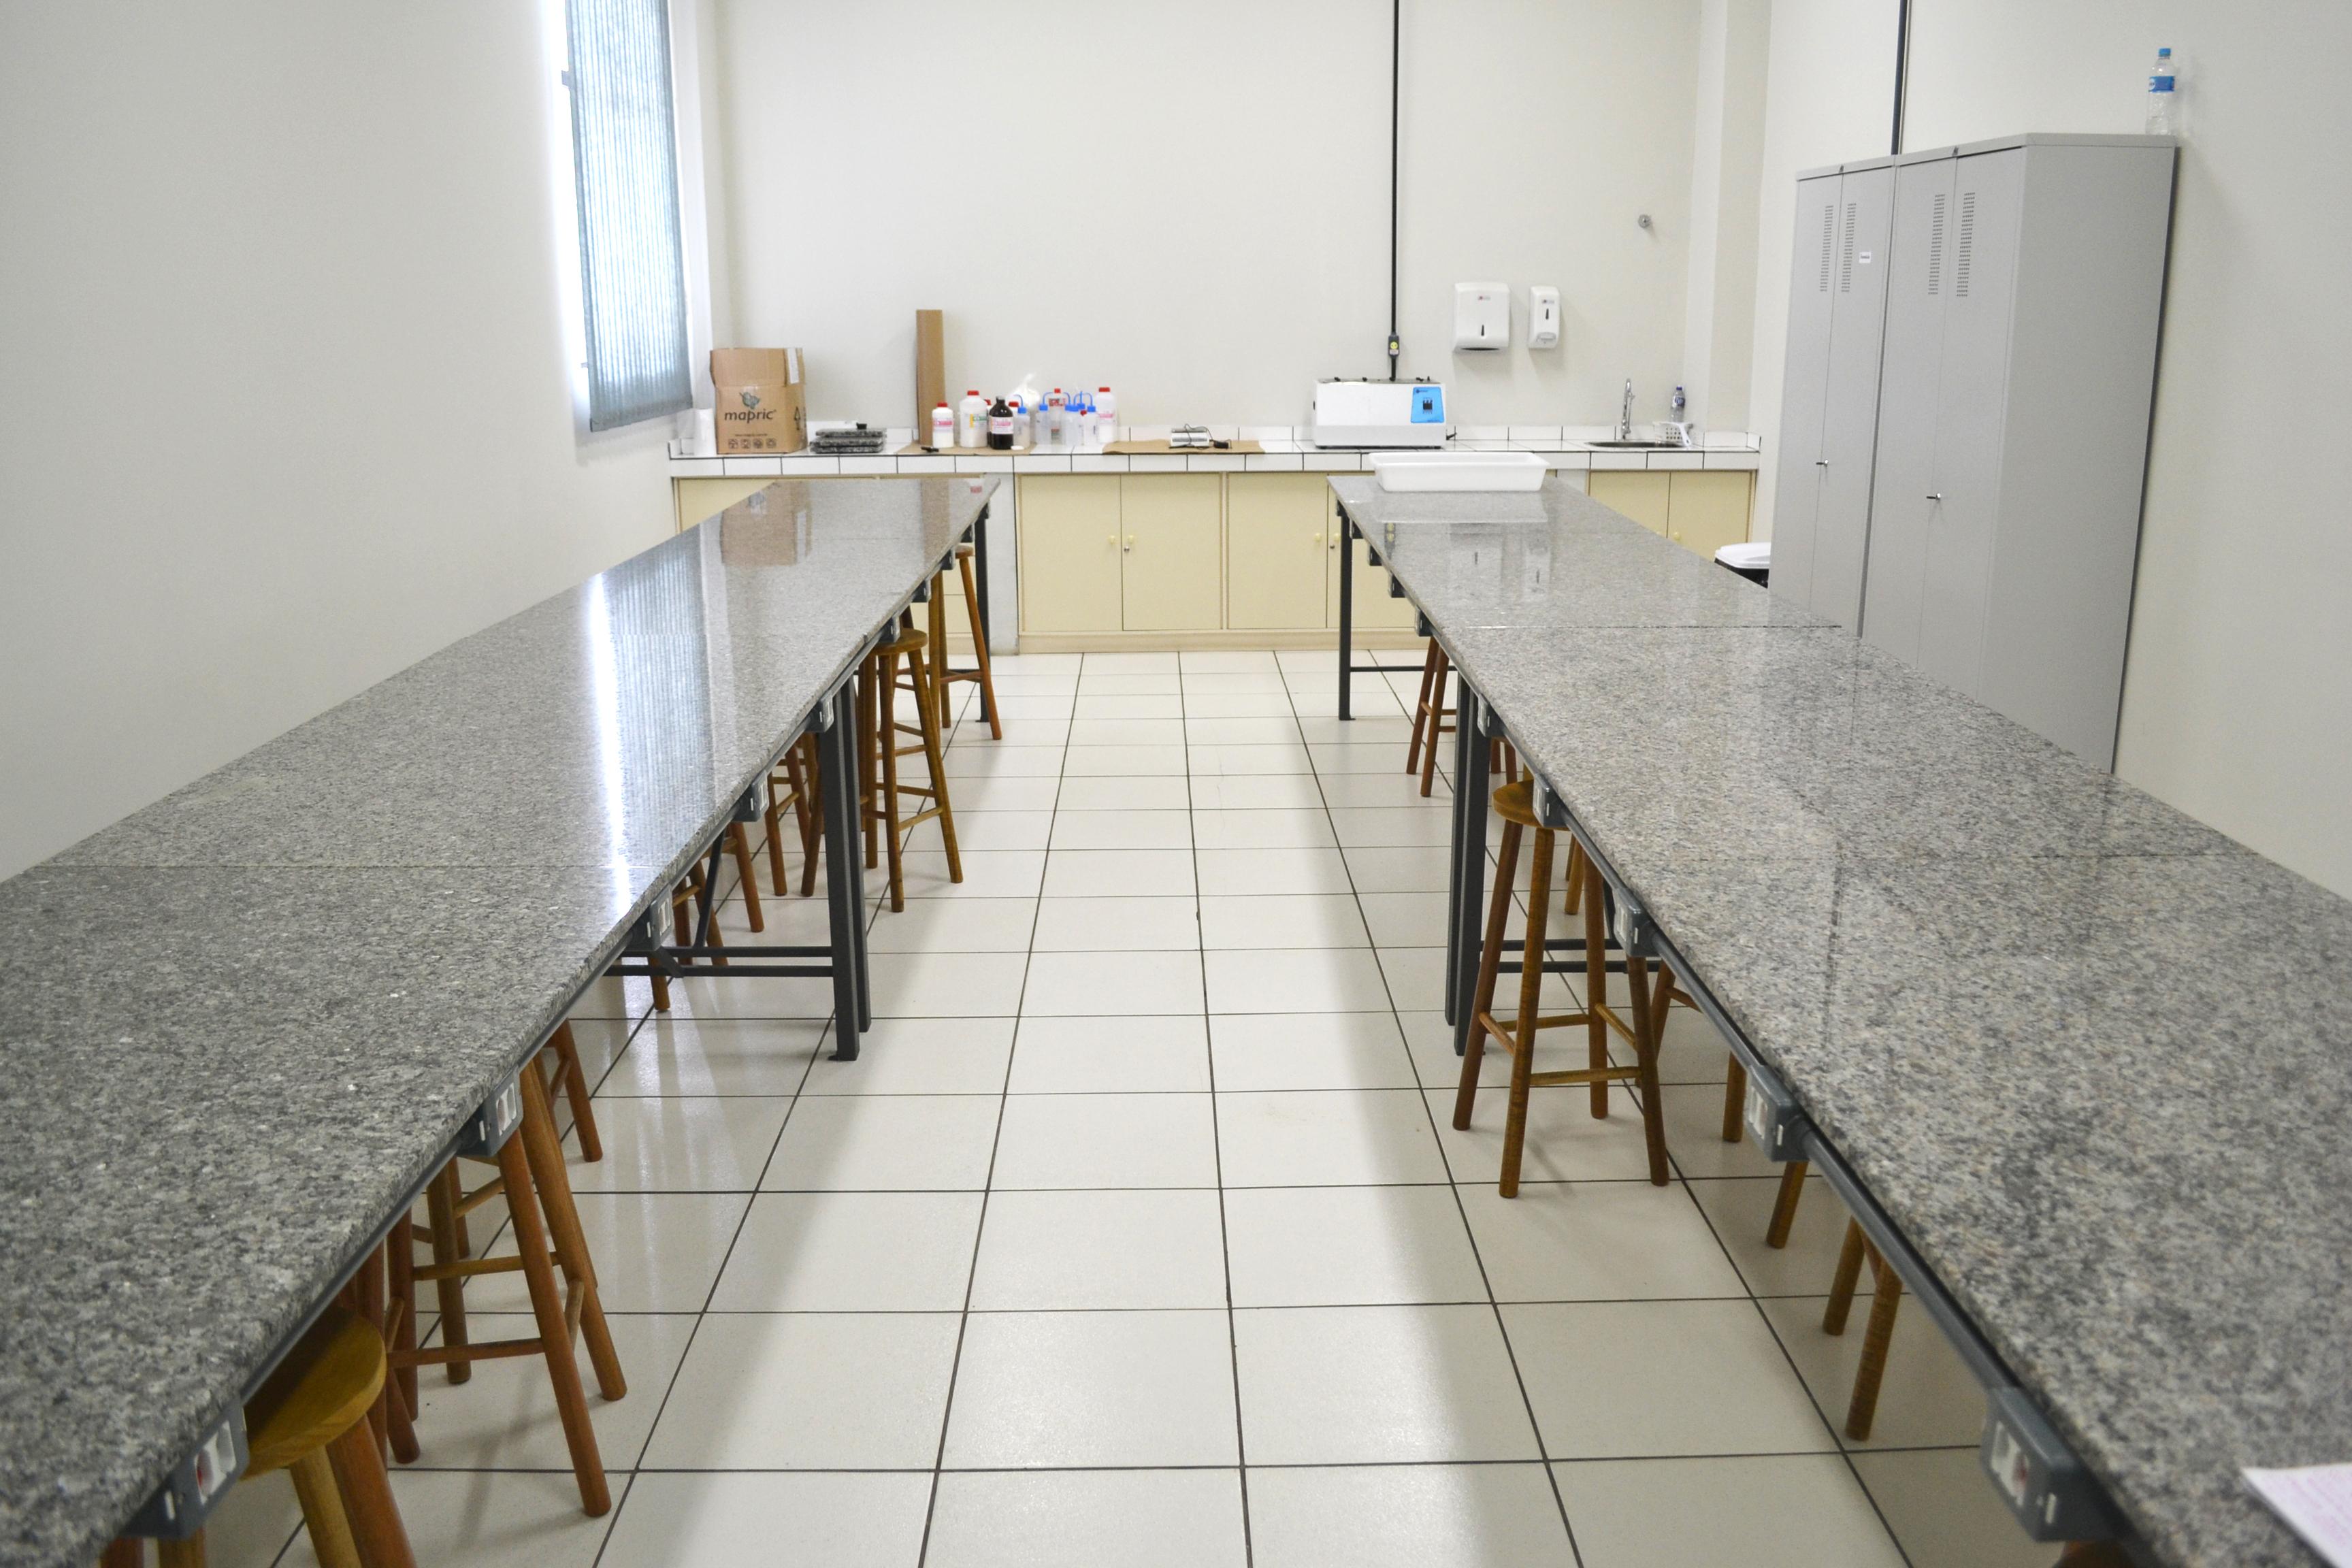 Laboratório de Farmacotécnica e Cosmetologia